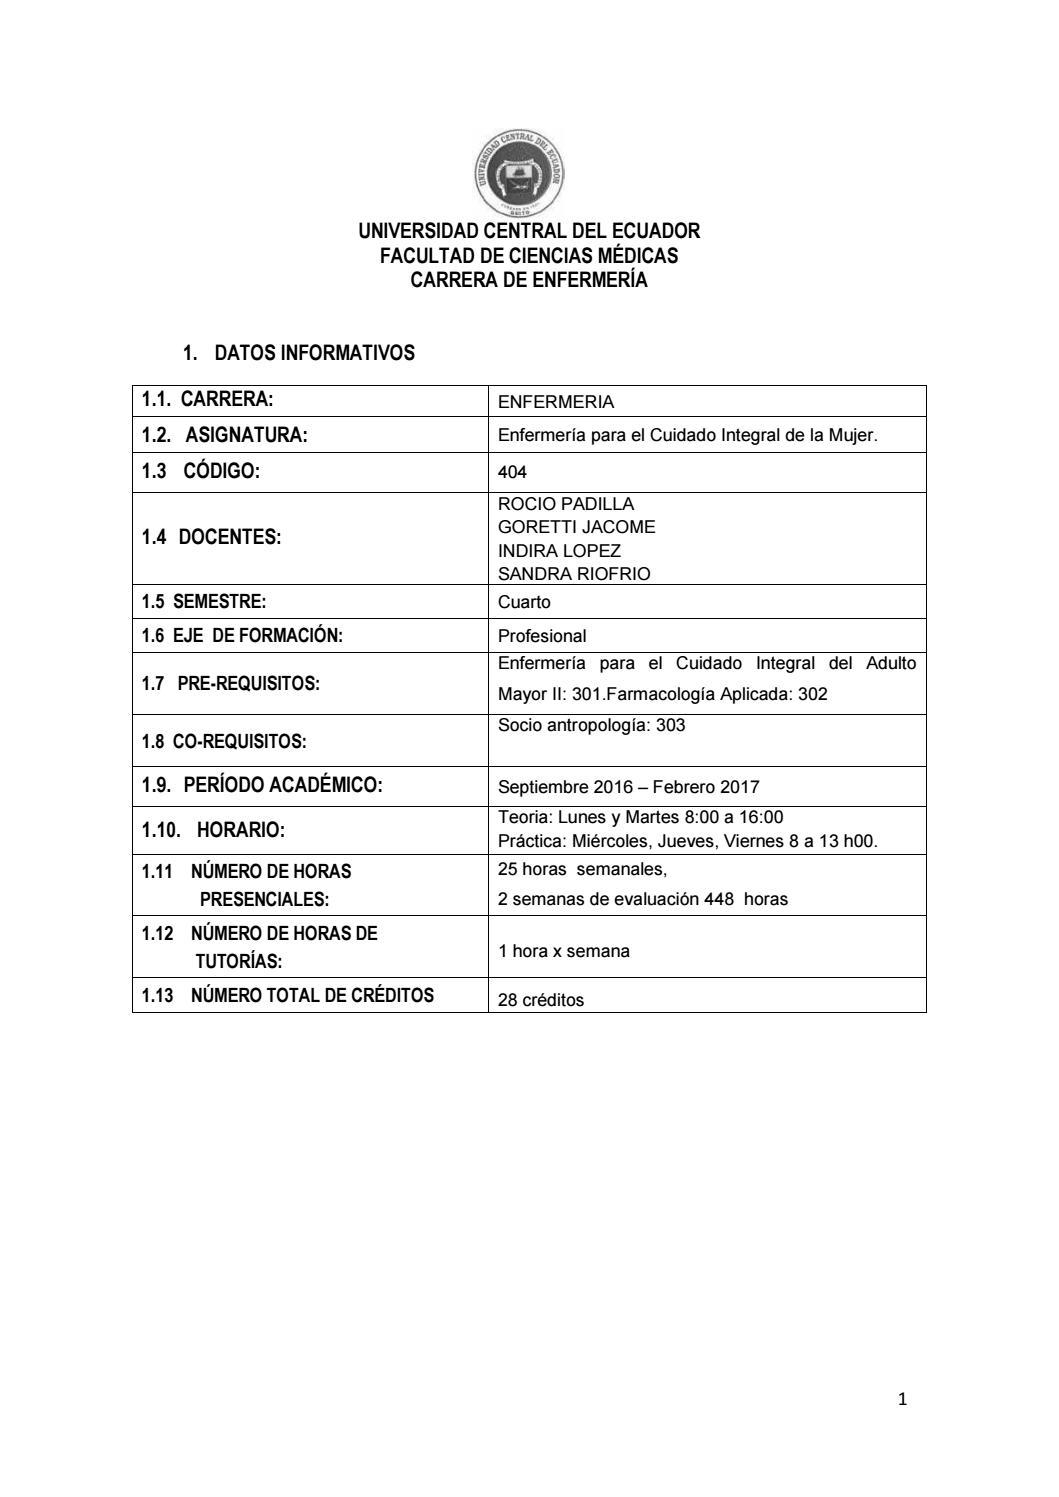 404 enfermeria para el cuidado integral a la mujer 2017 2017 ene by ...